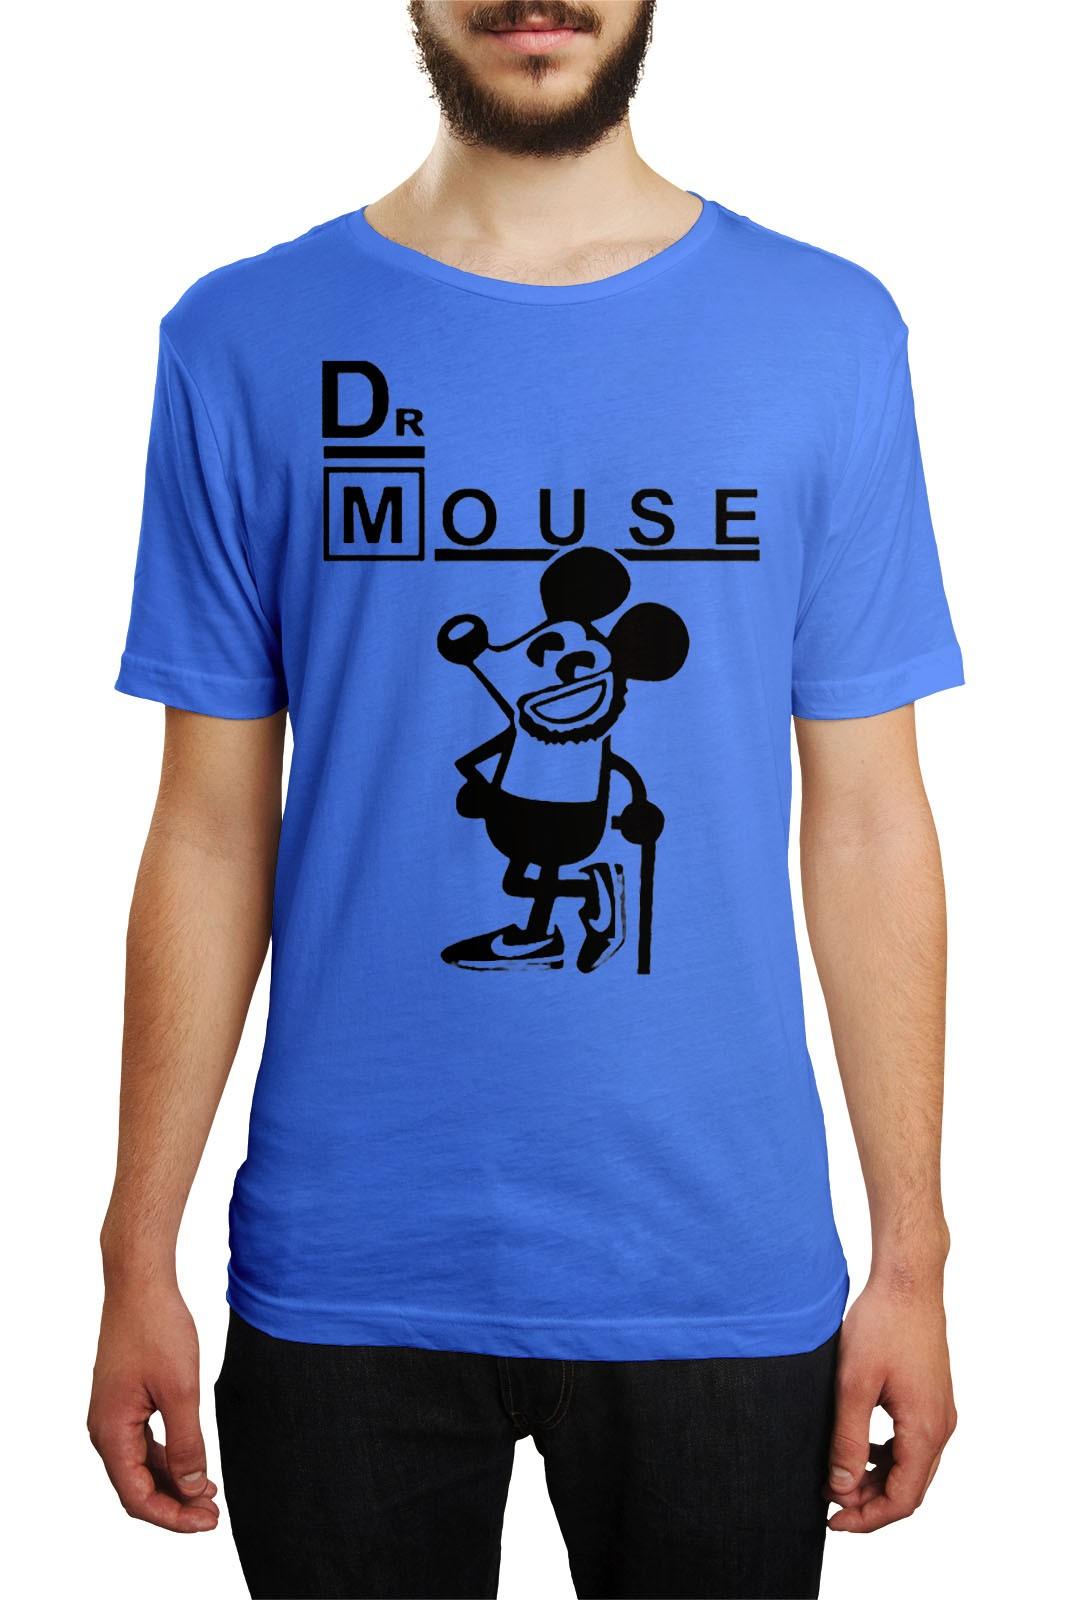 Camiseta HShop Dr Mouse Azul  - HShop